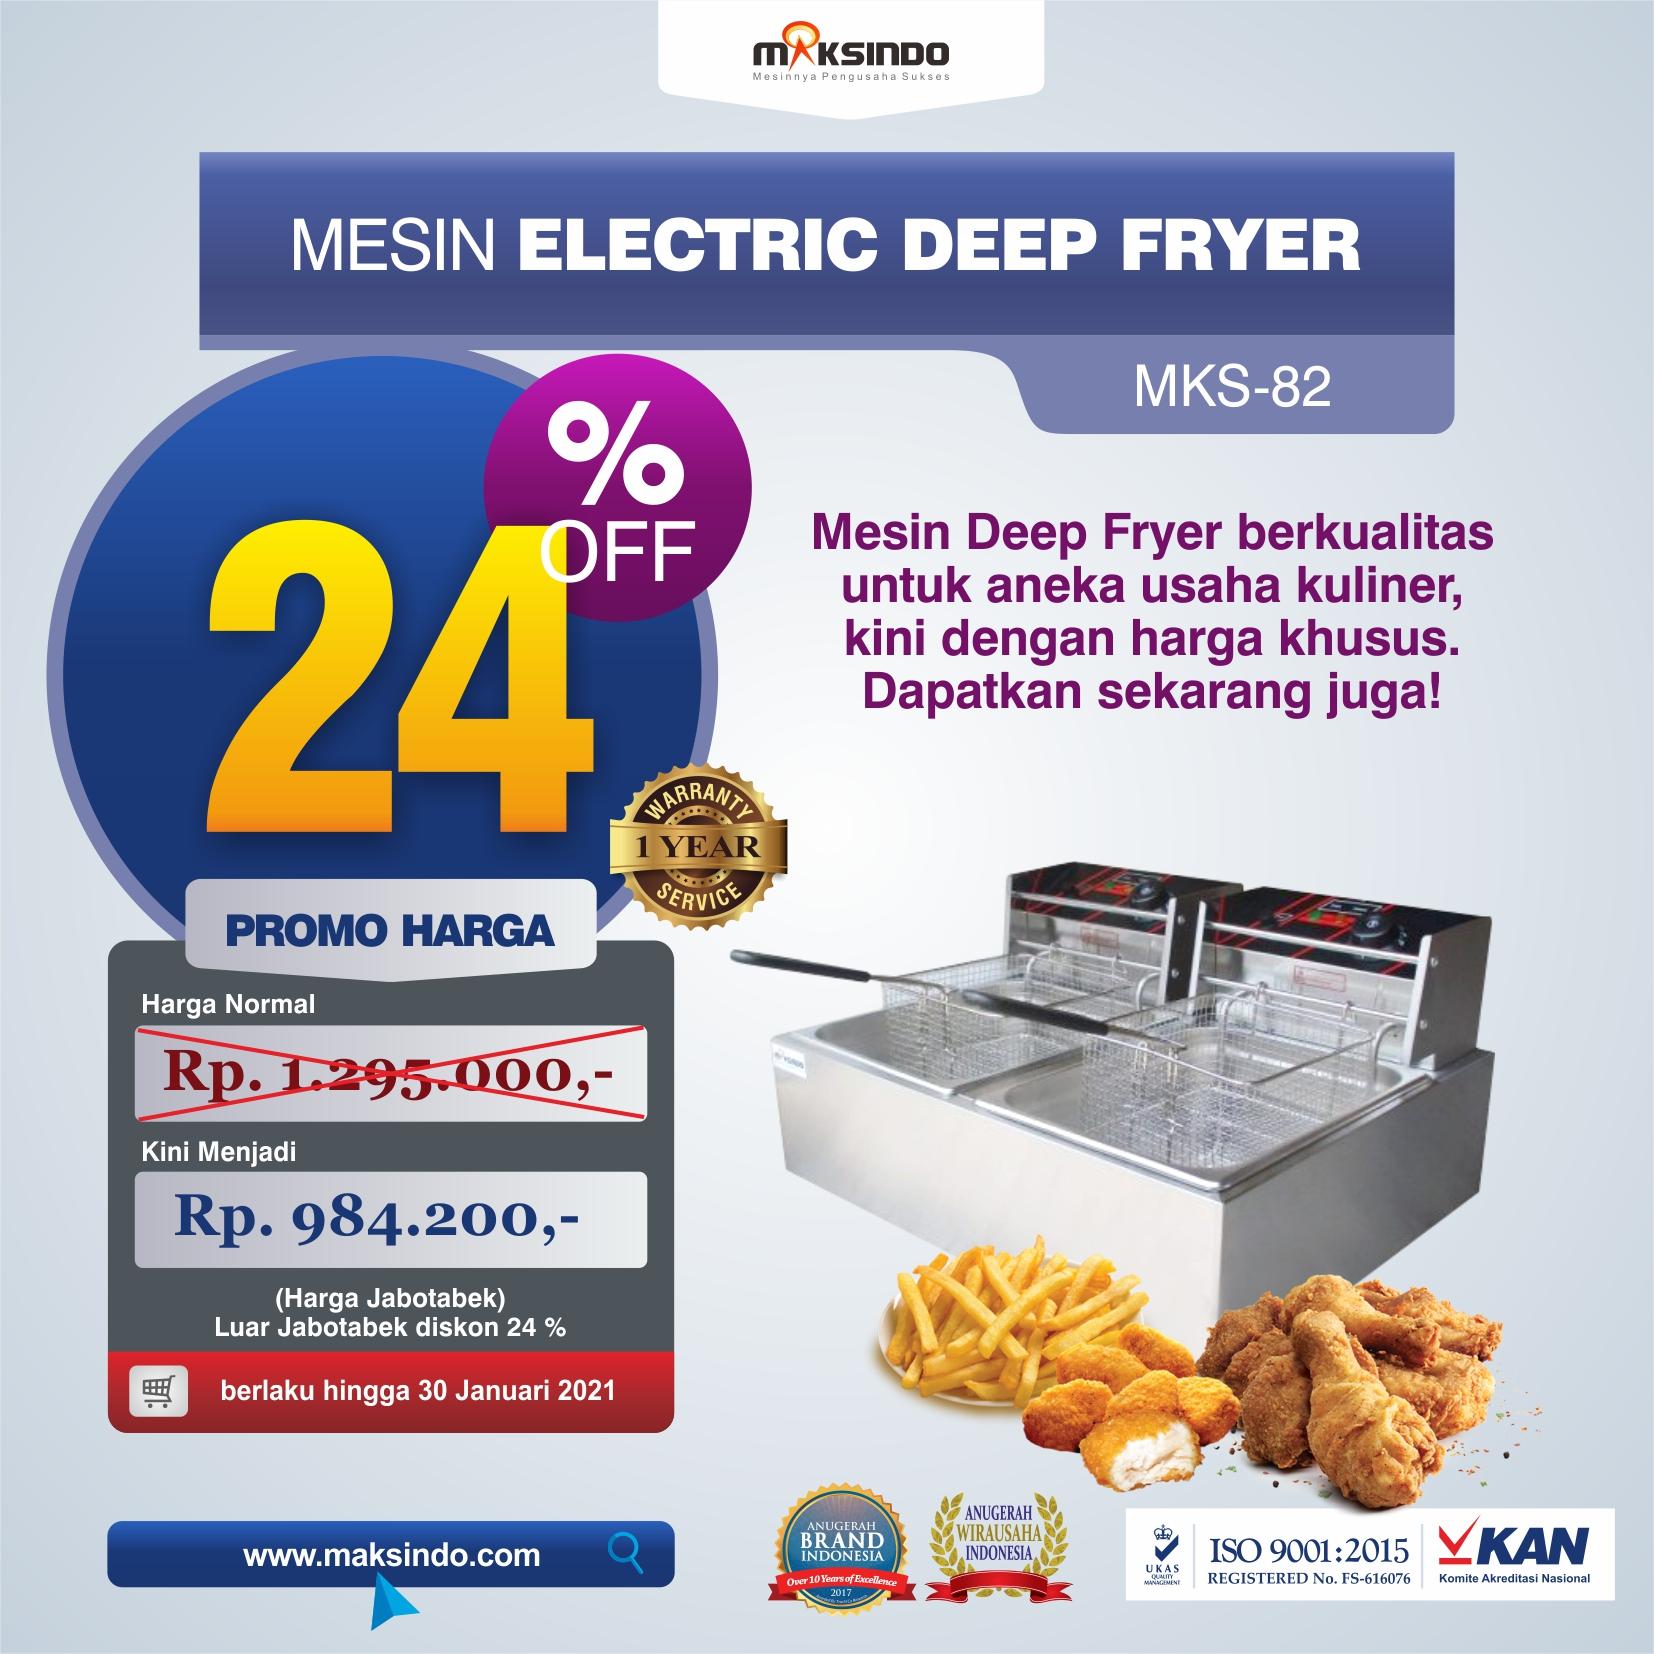 Jual Mesin Electric Deep Fryer MKS-82 di Solo